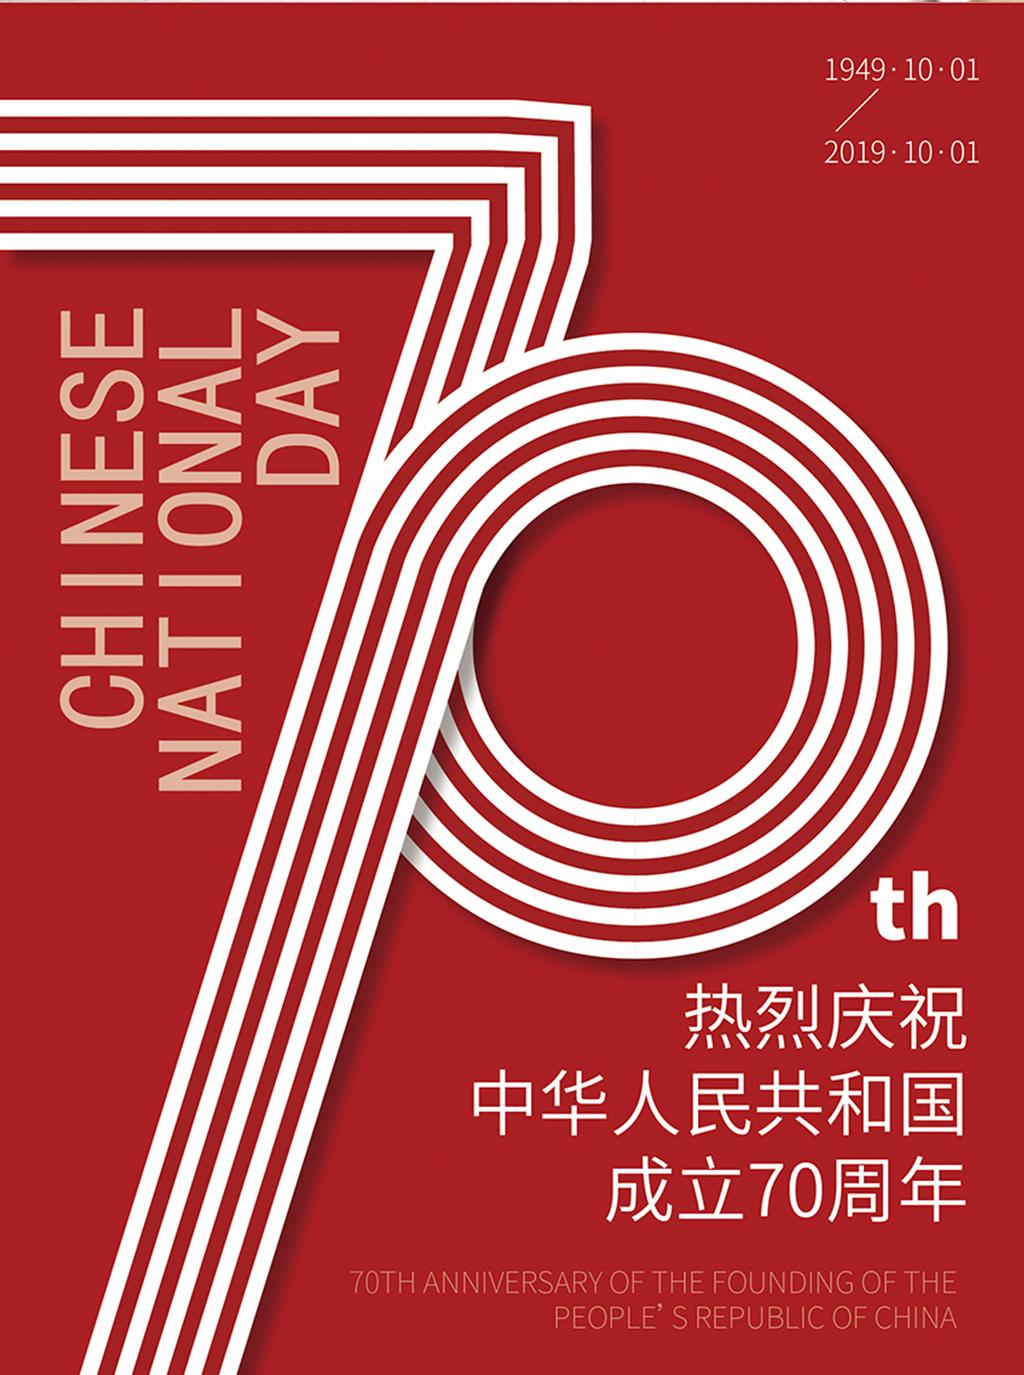 昌宏家具熱烈慶祝中華人民共和國成立70周年